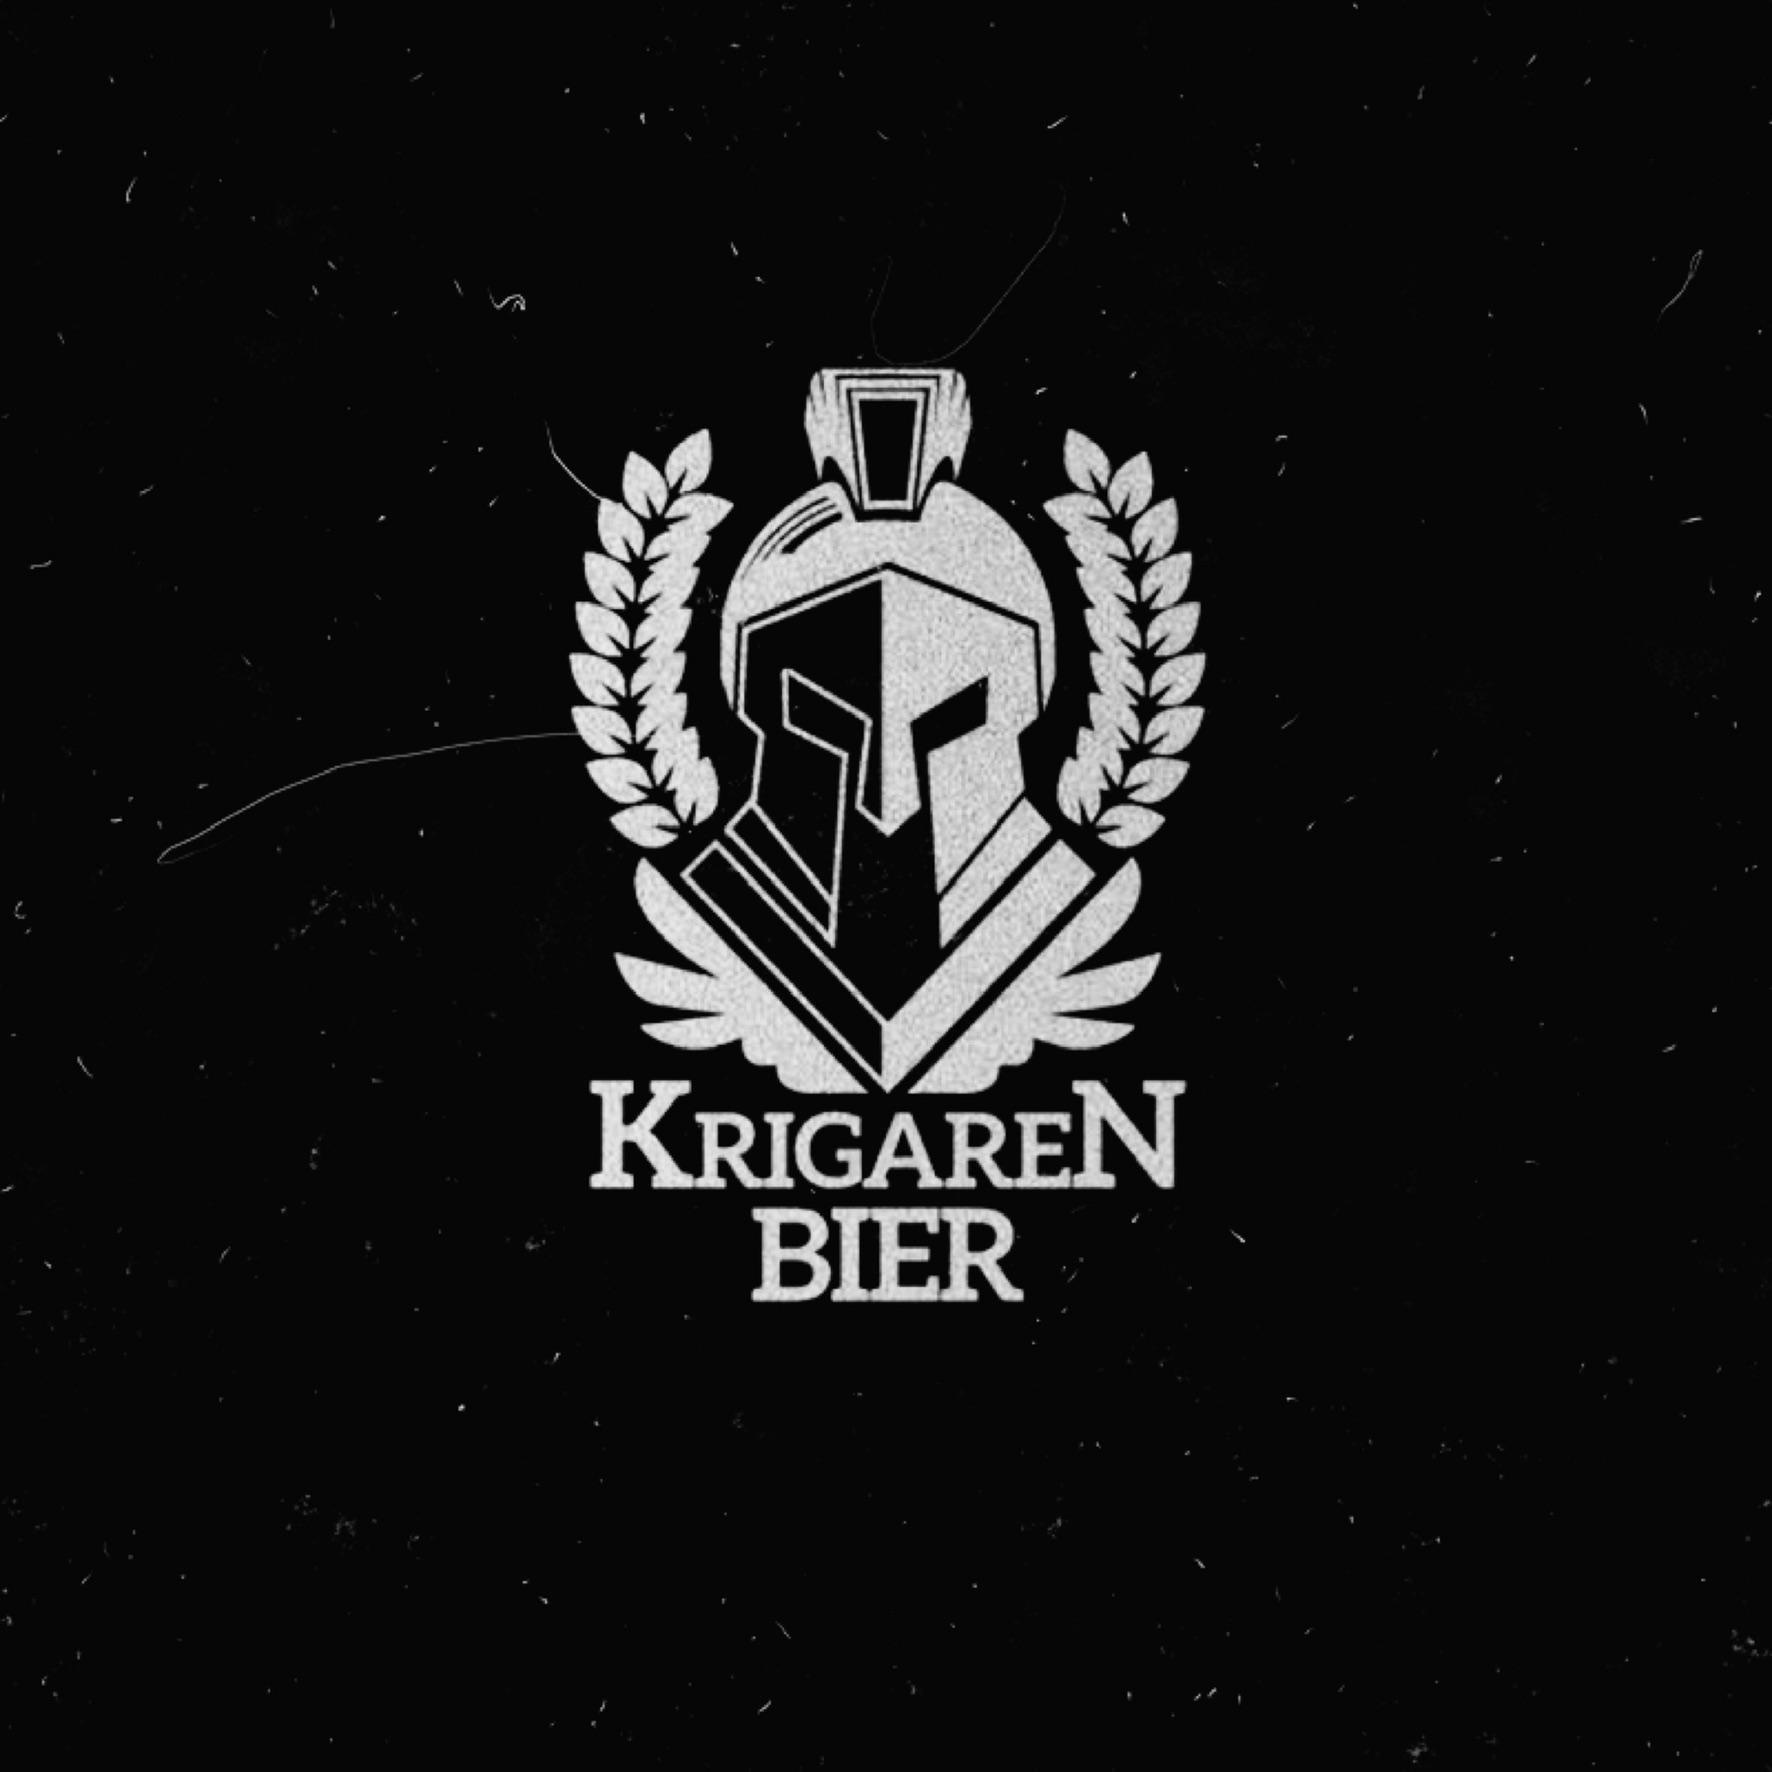 Krigaren Bier